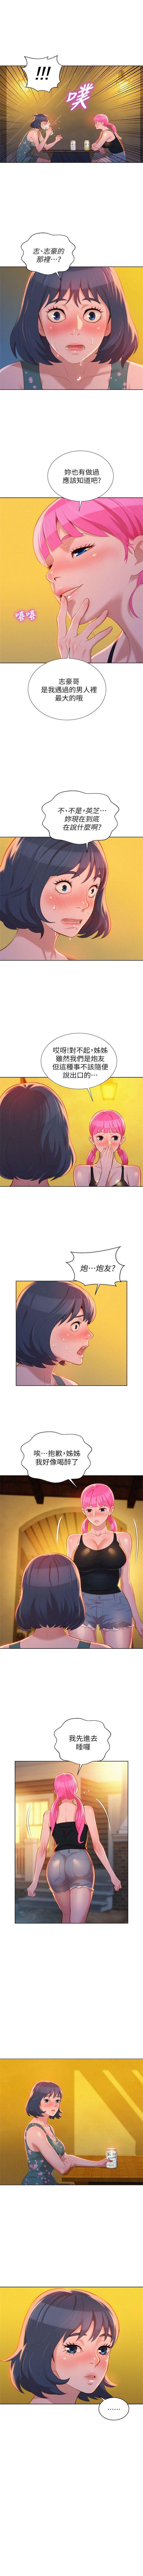 (週7)漂亮幹姐姐  1-92 中文翻譯 (更新中) 74